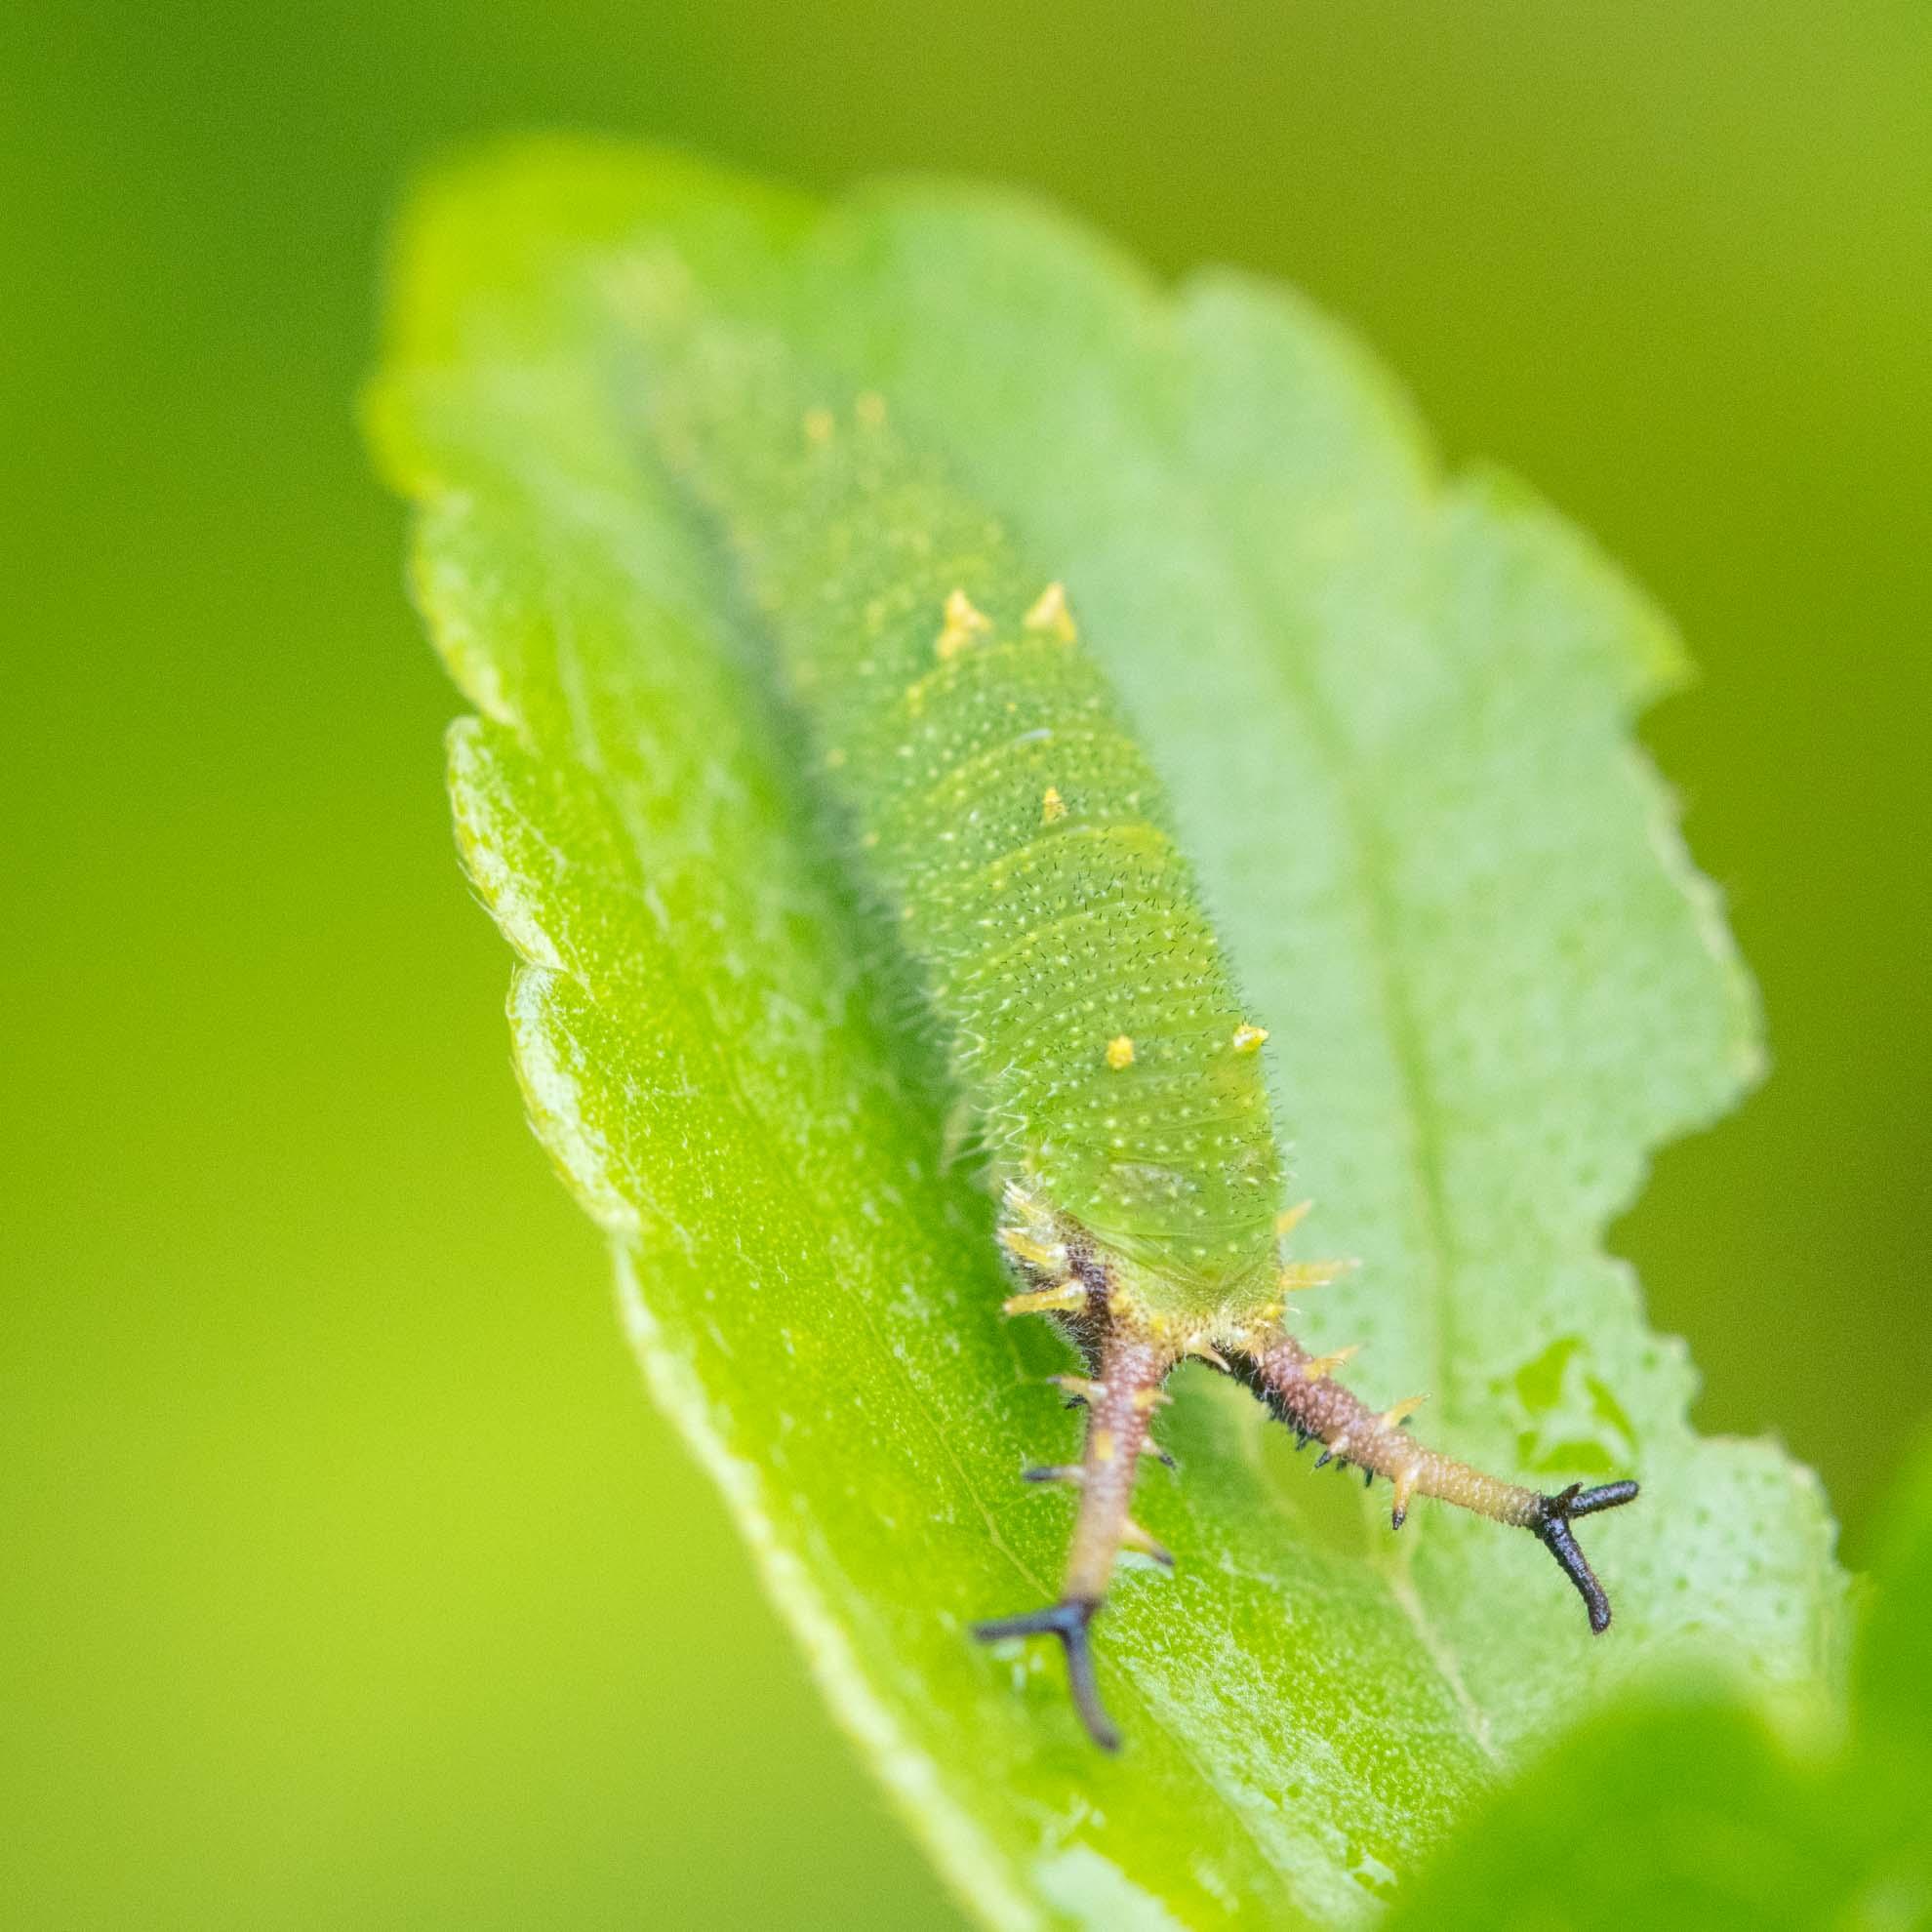 アカボシゴマダラの幼虫